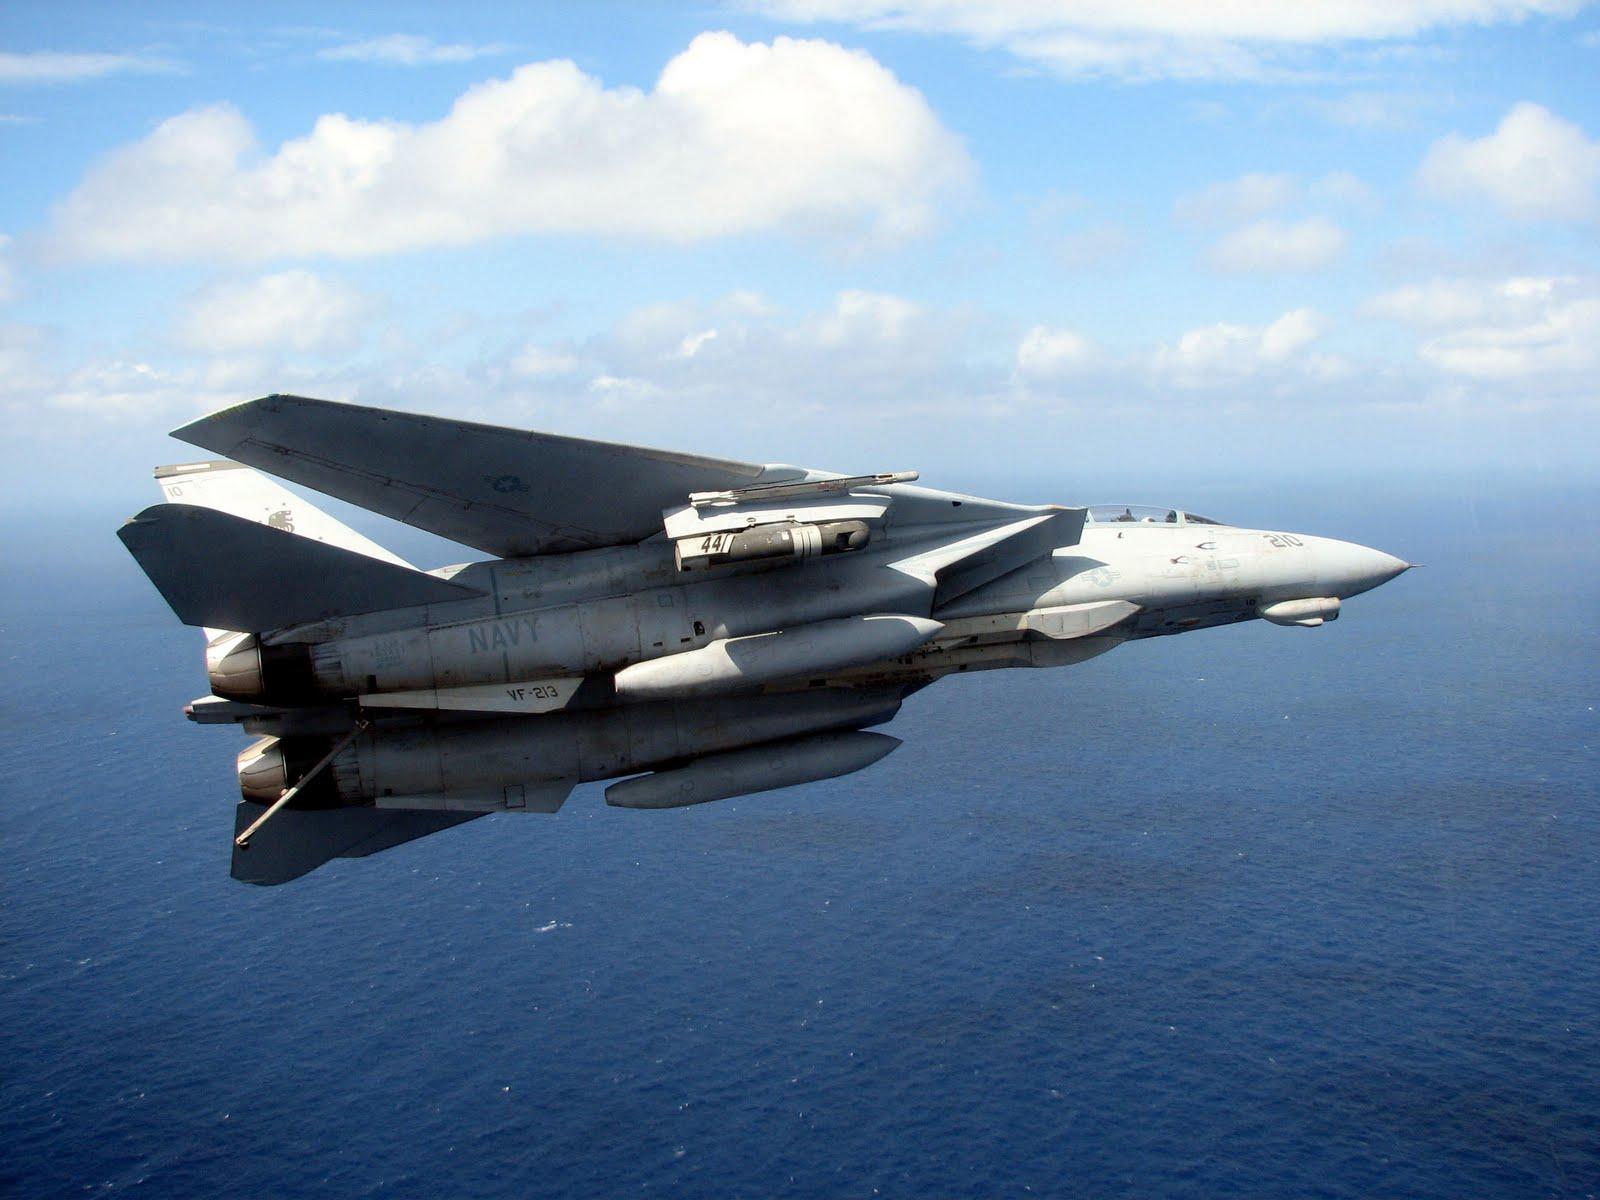 http://1.bp.blogspot.com/-kWZdeHStNVk/Tg328zWszII/AAAAAAAACFI/Q7nBPngvEmg/s1600/F-14D_Tomcat.jpg